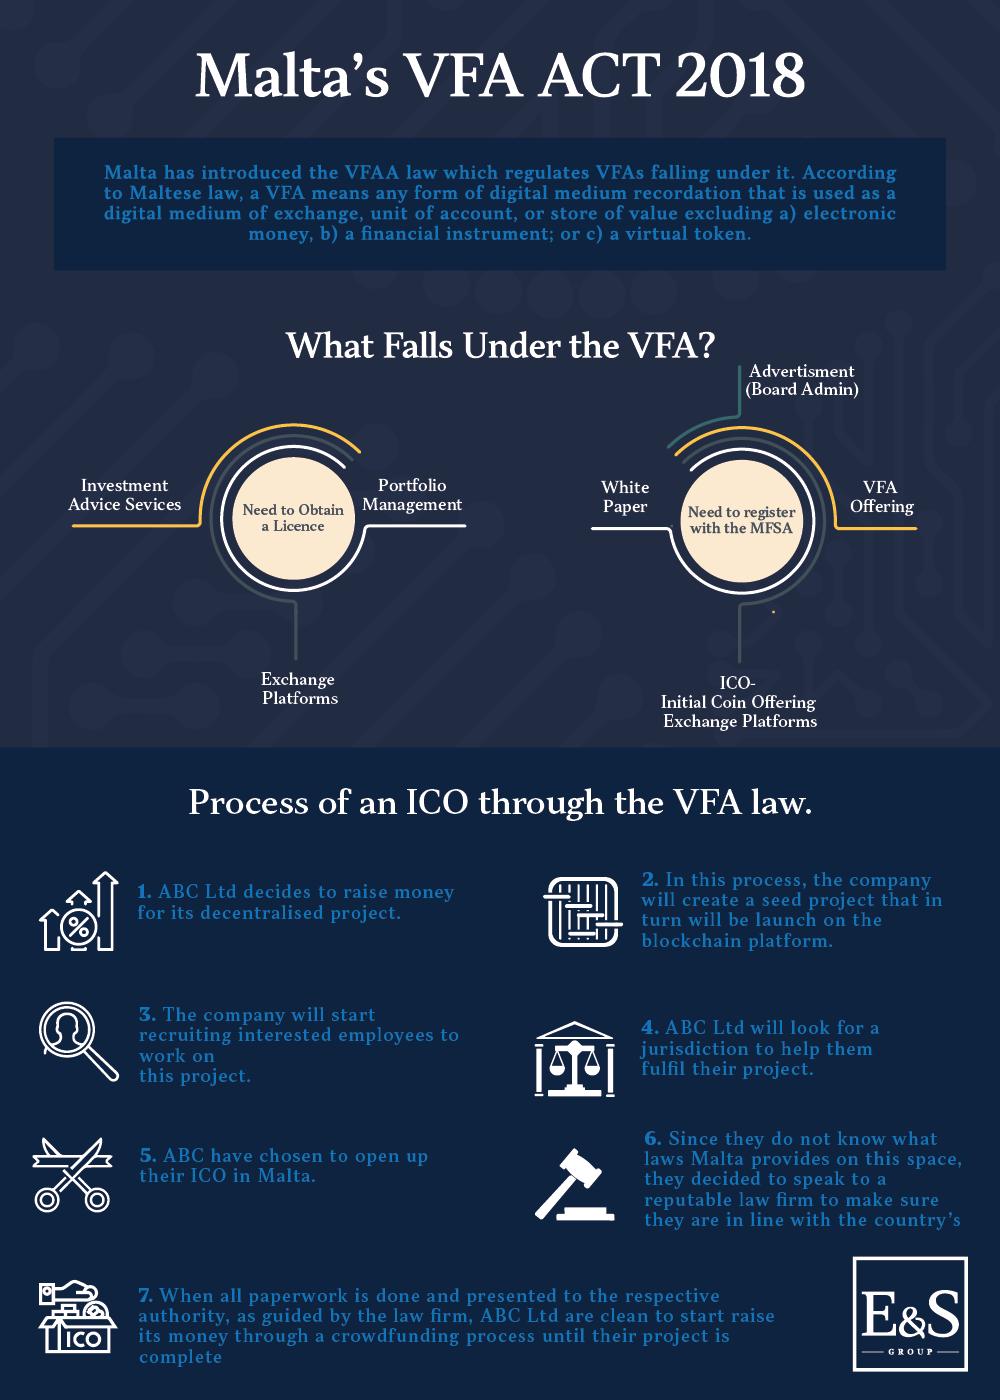 infographic maltas VFA ACT 2018 dark blue dark blue